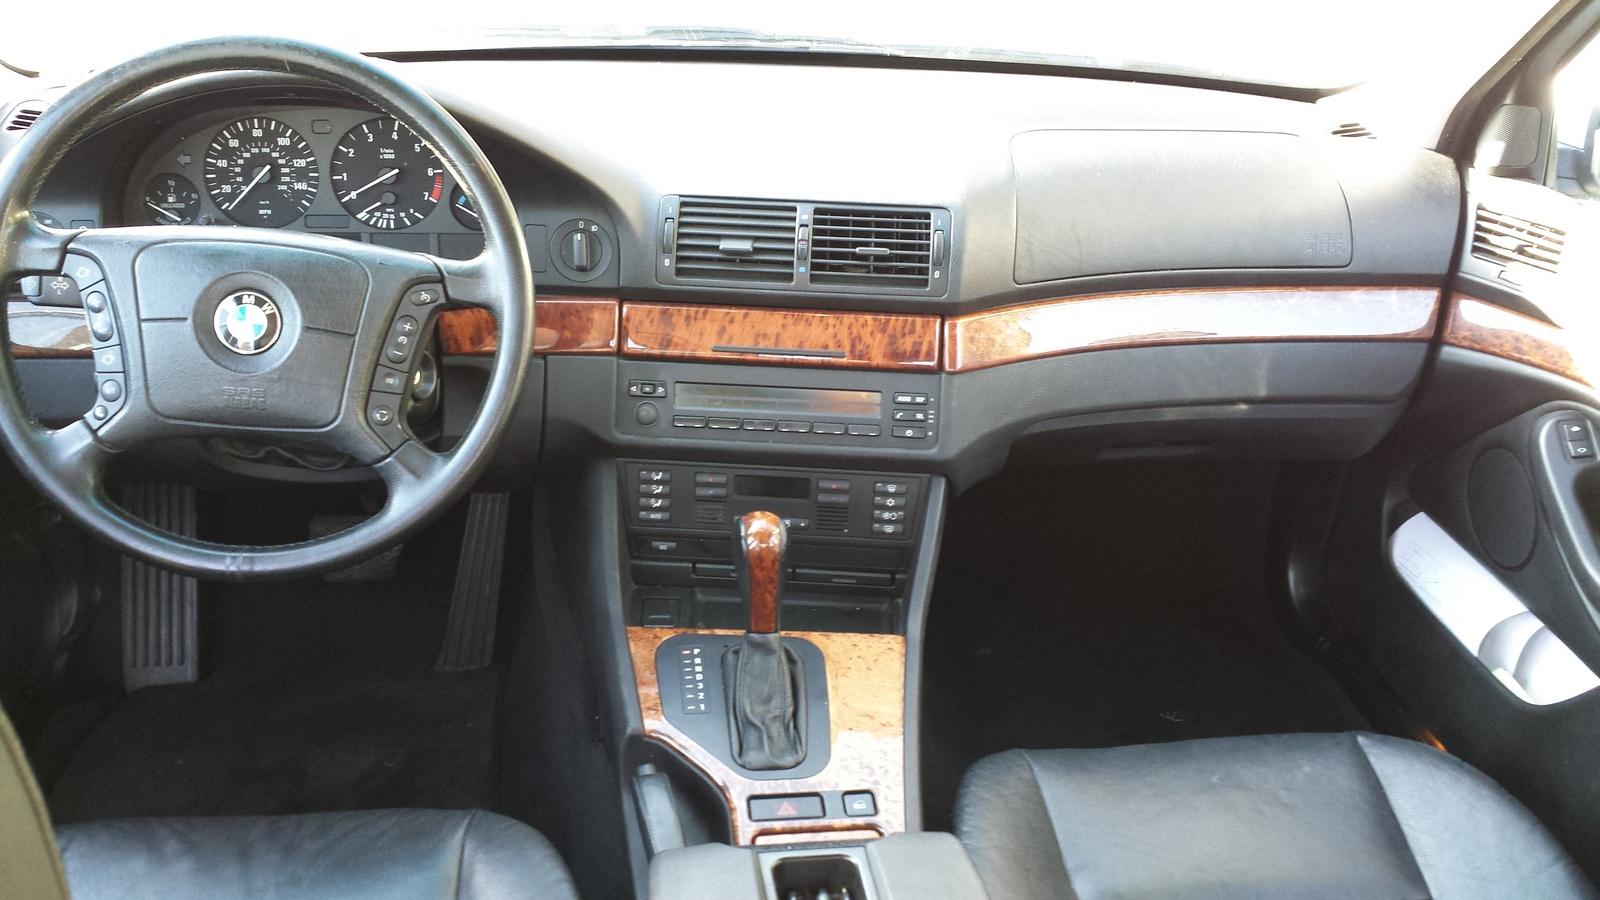 2000 Bmw 5 Series Interior Pictures Cargurus